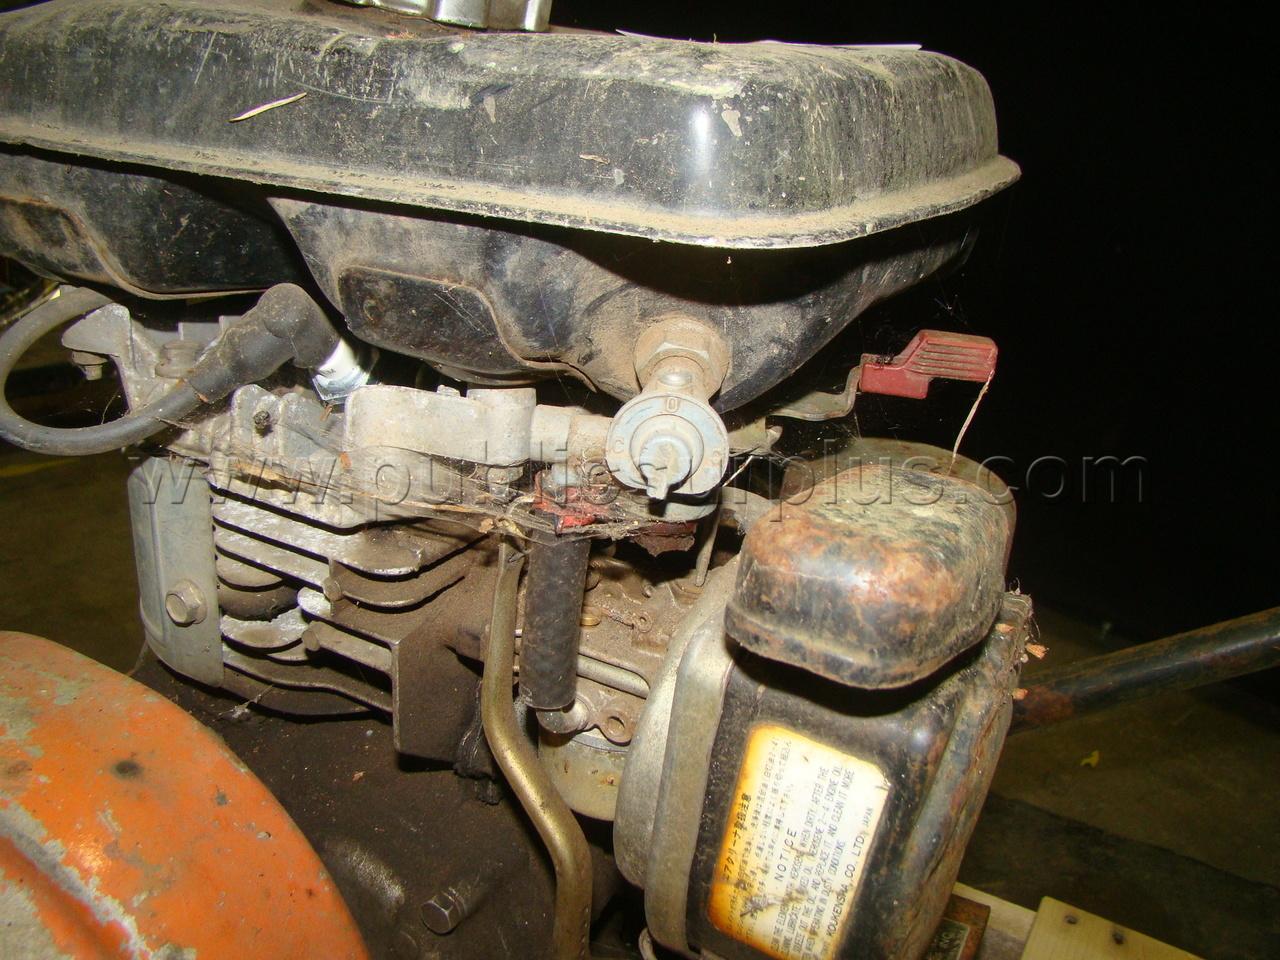 #2261435 - Compactor